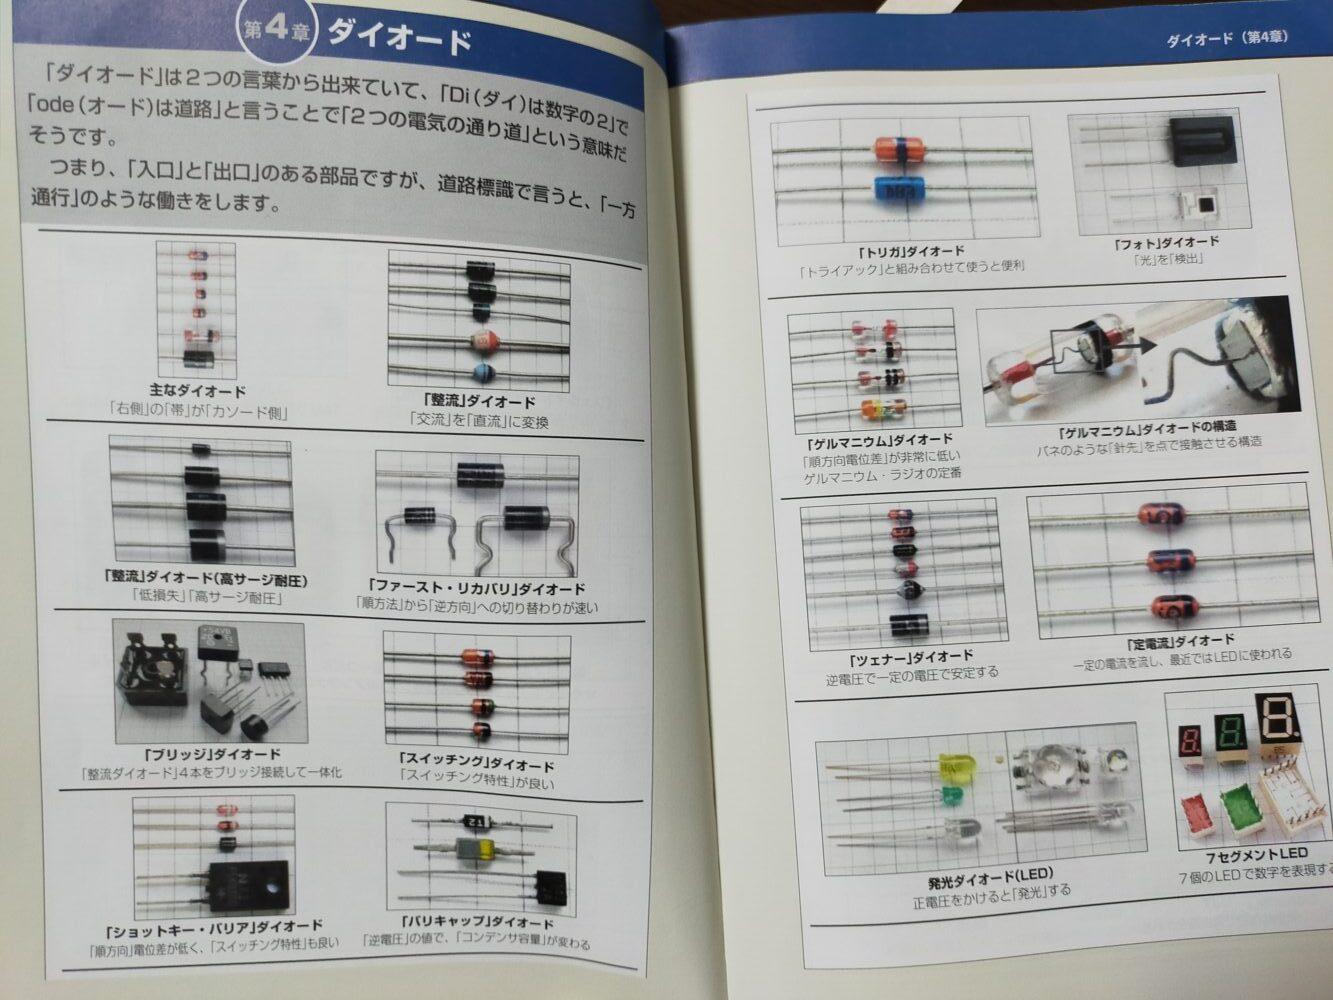 電子部品ハンドブック1